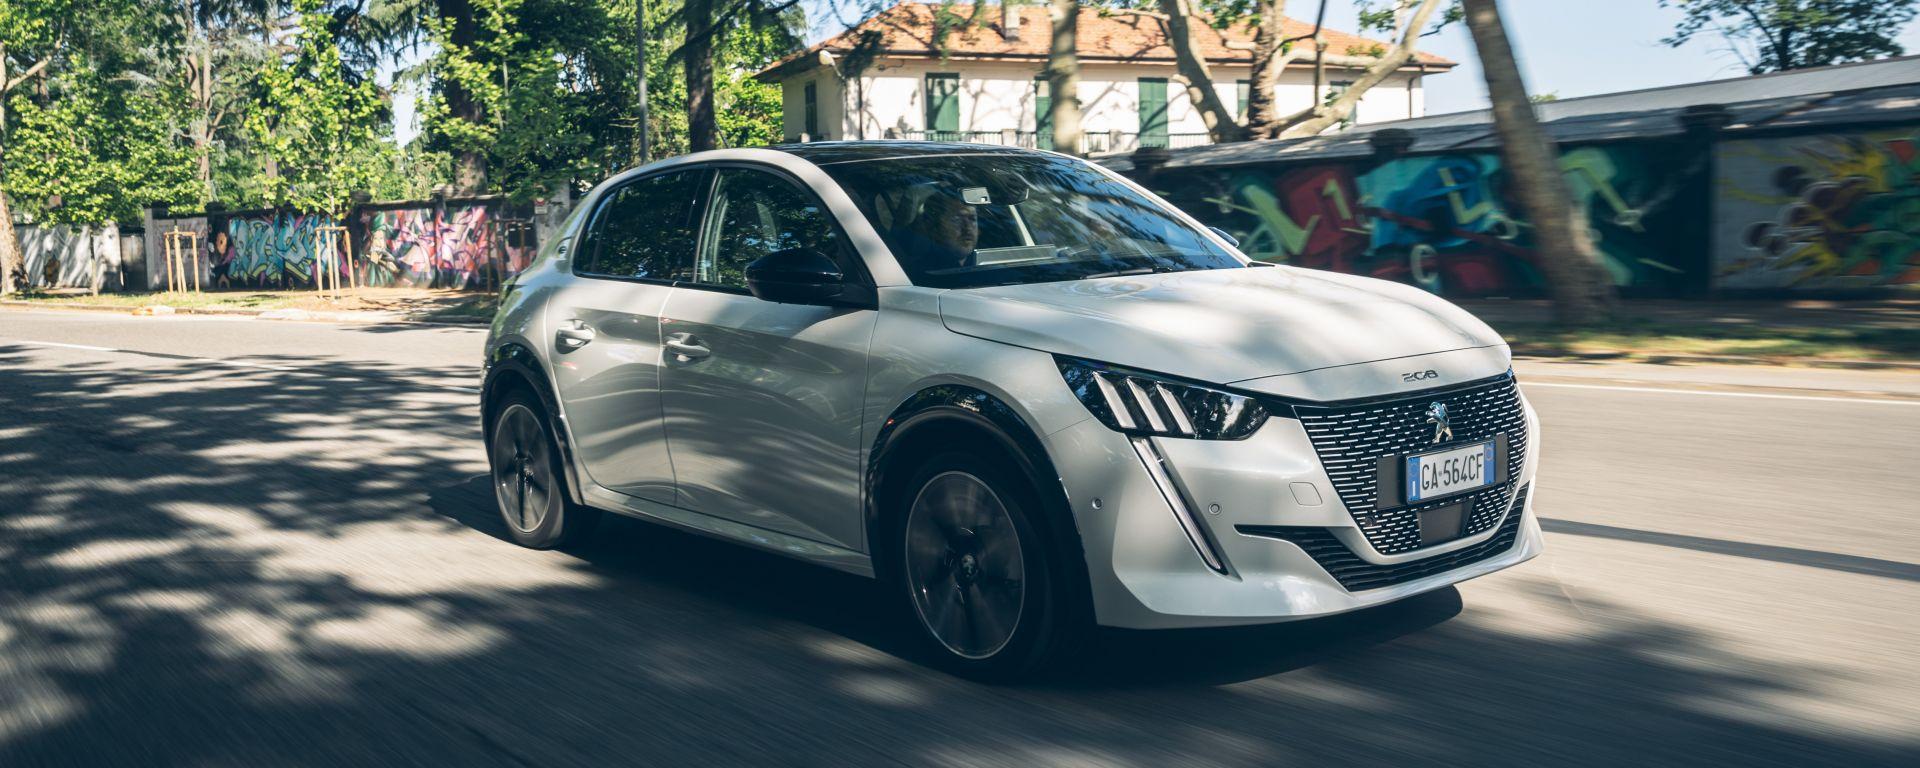 Guida alla ricarica delle auto elettriche con la Peugeot e-208